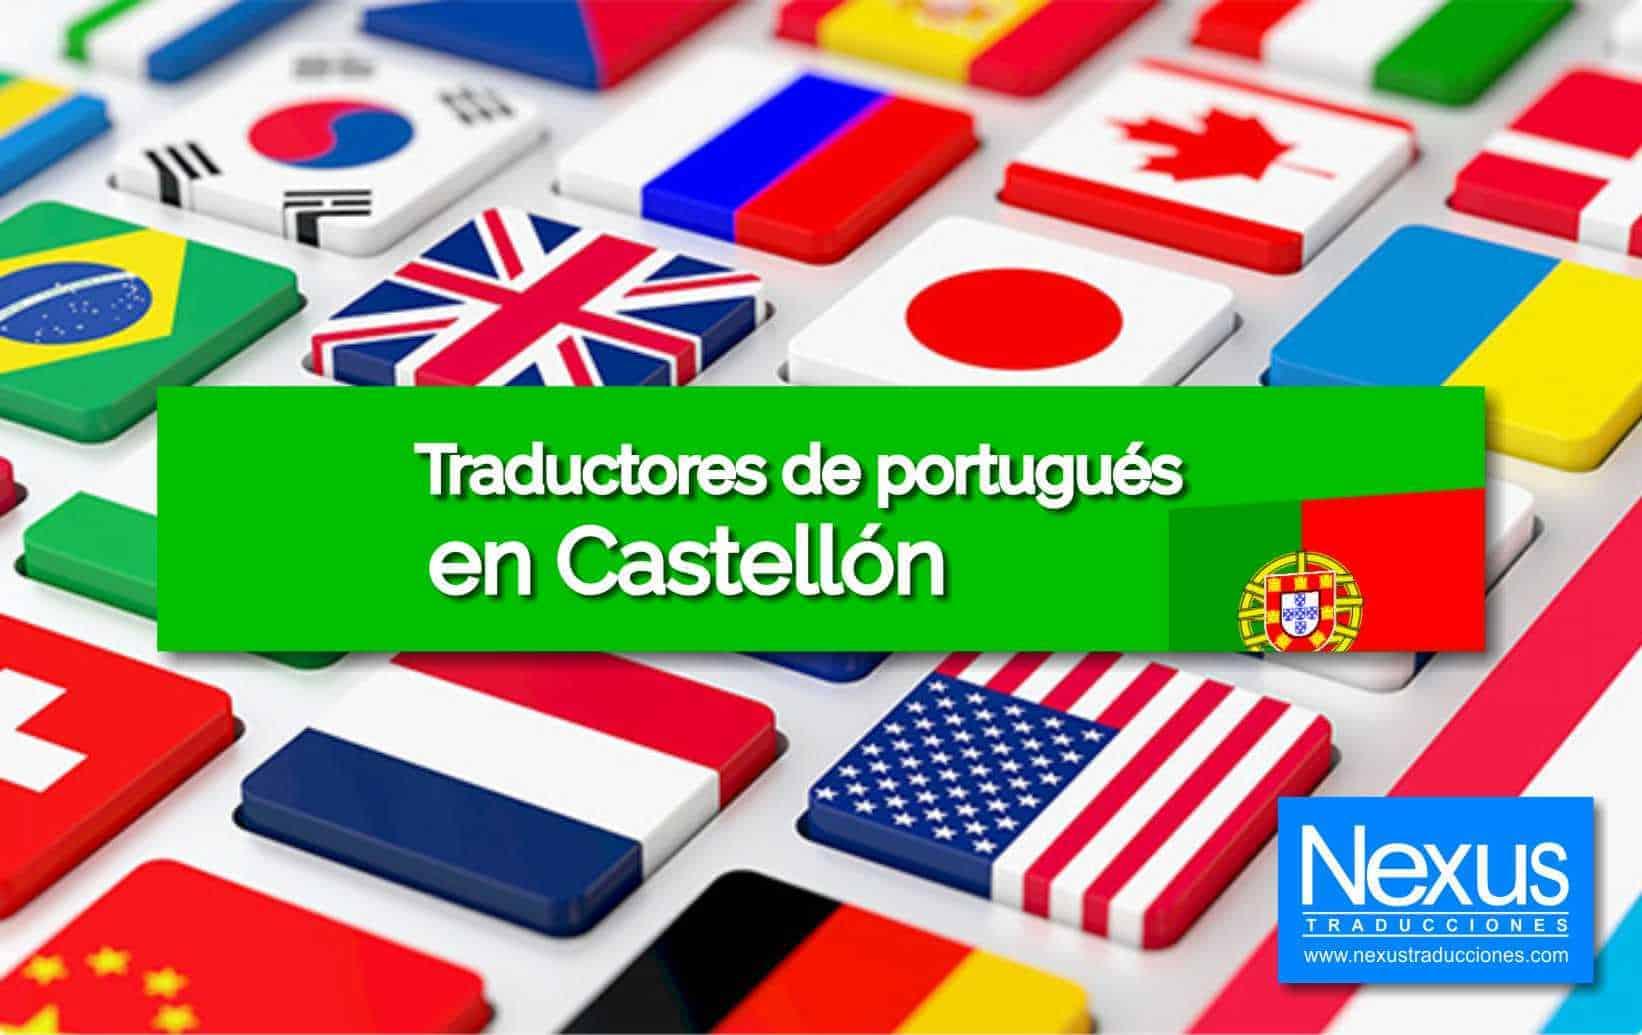 Traducción de portugués en Castellón